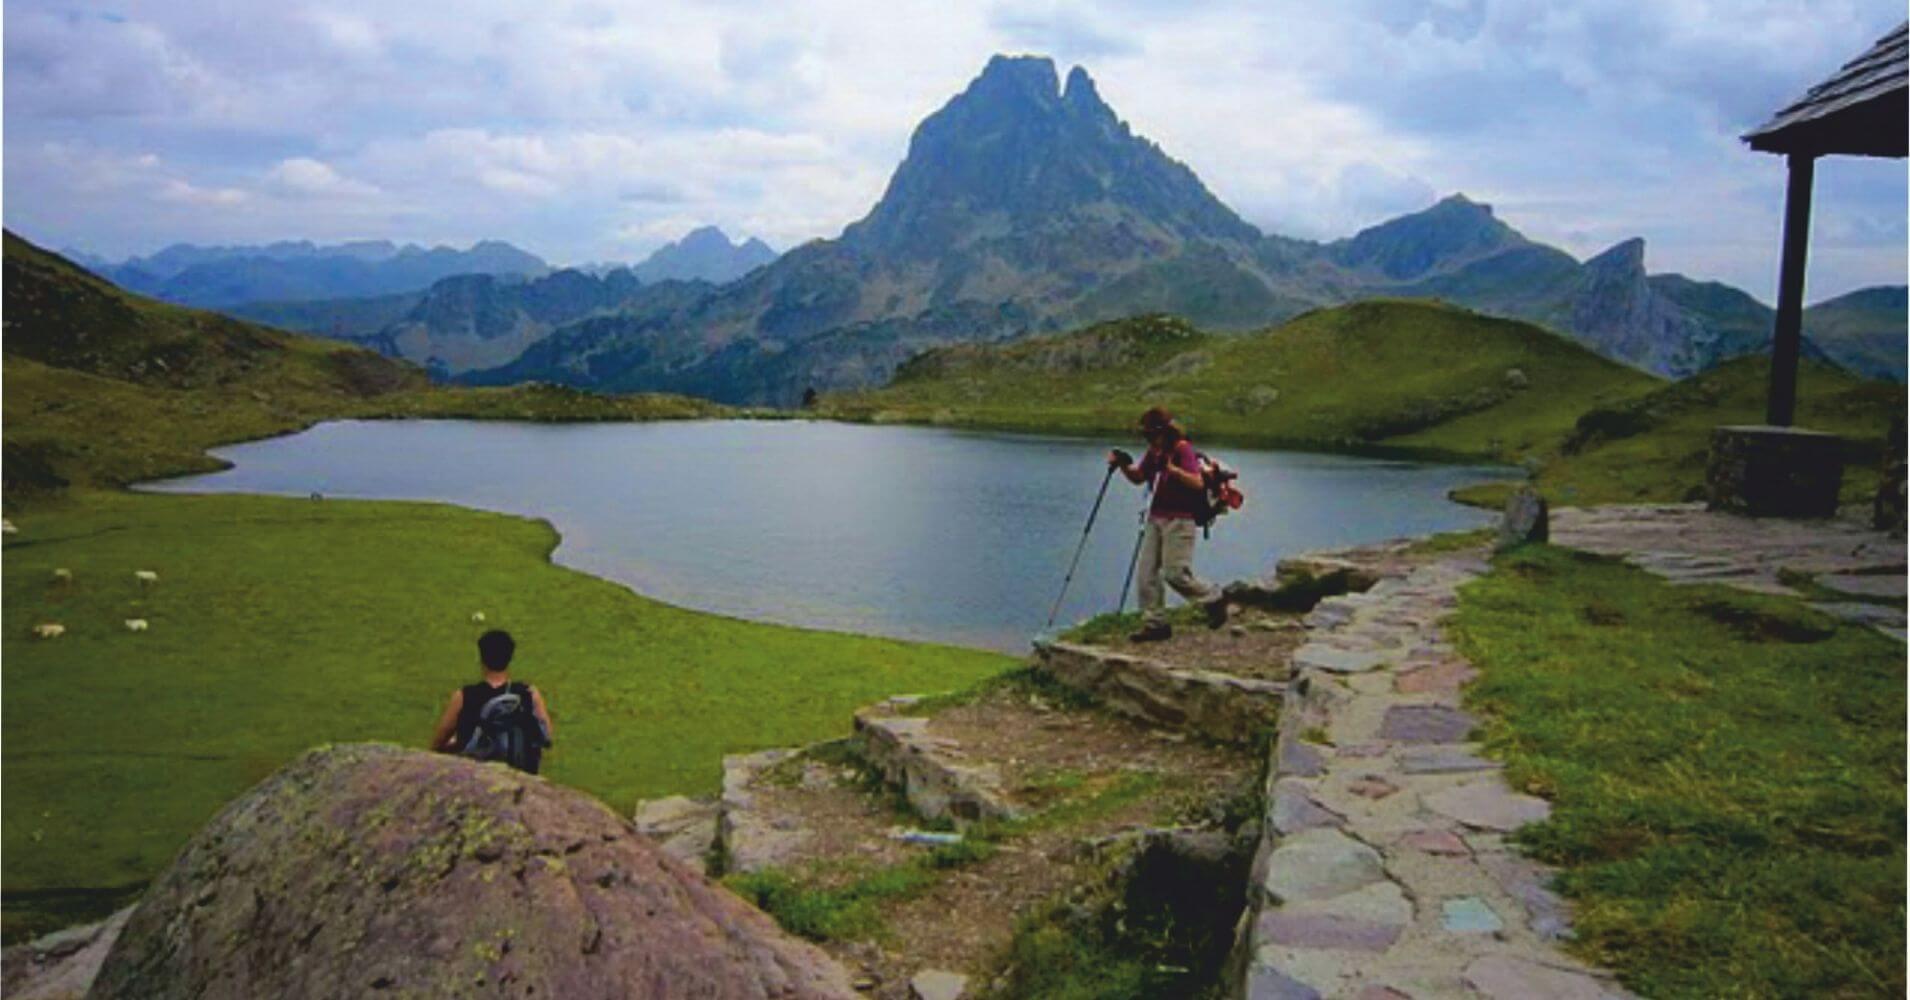 Pico Midi d' Ossau. Parque Nacional de Pirineos. Nueva Aquitania. Pirineos Atlánticos. Francia.